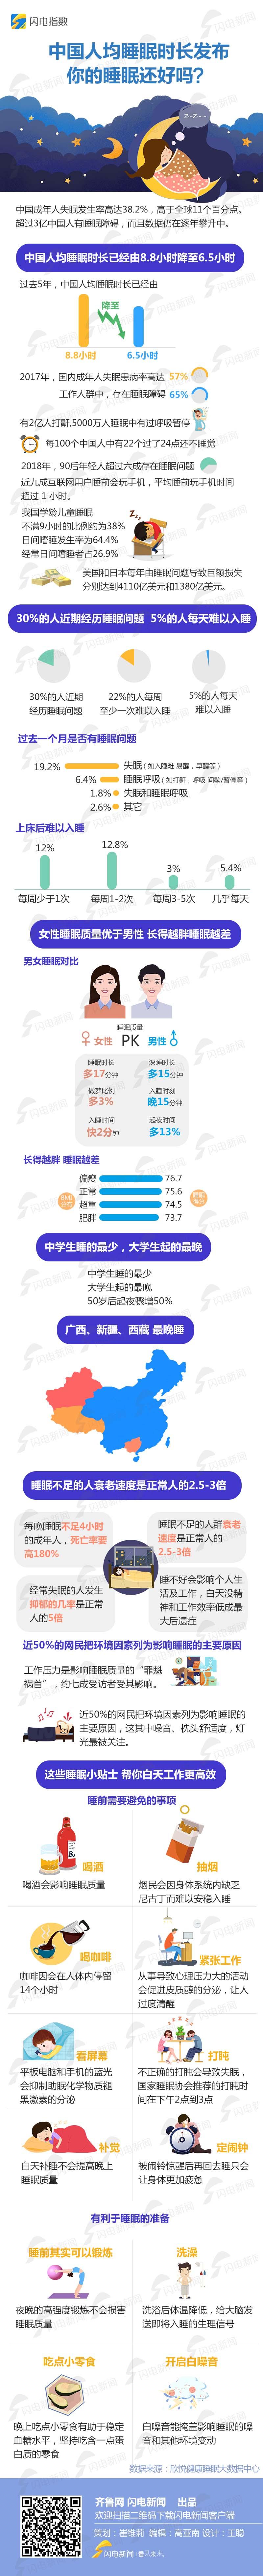 闪电指数|中国人均睡眠时长由8.8小时降至6.5小时,90后男胖子睡眠最差!